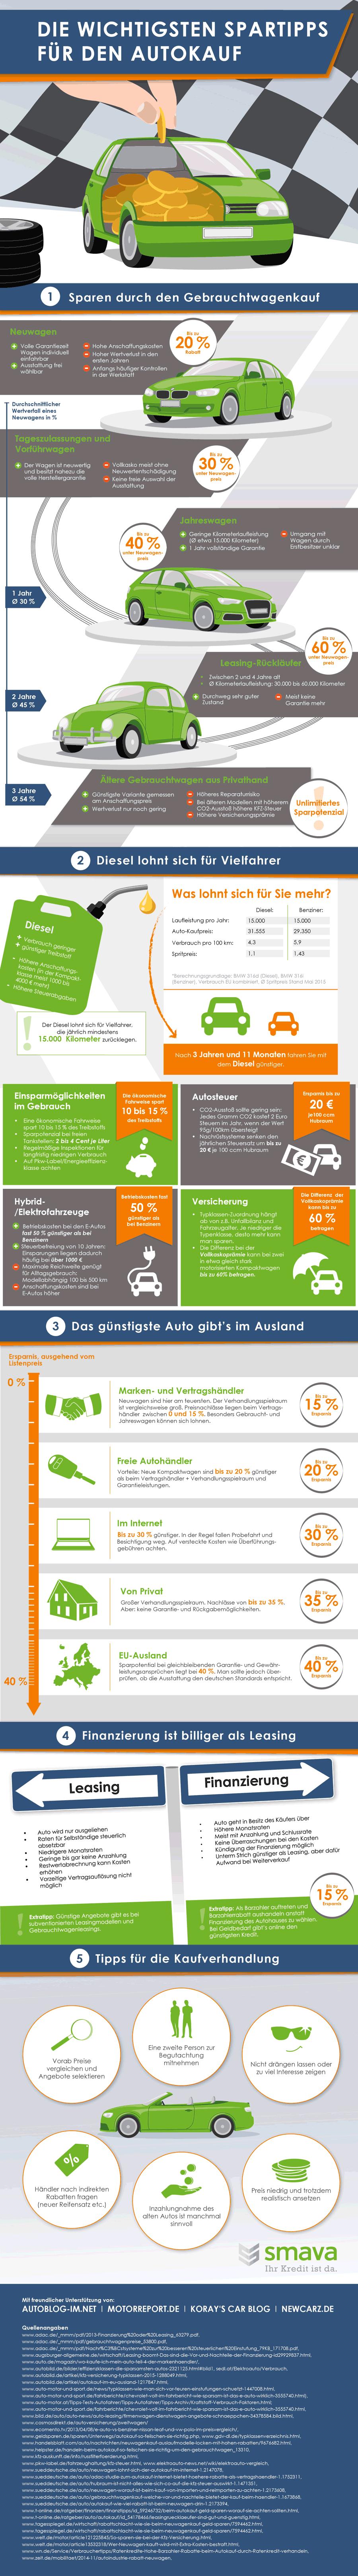 Autokauf Tipps Infografik